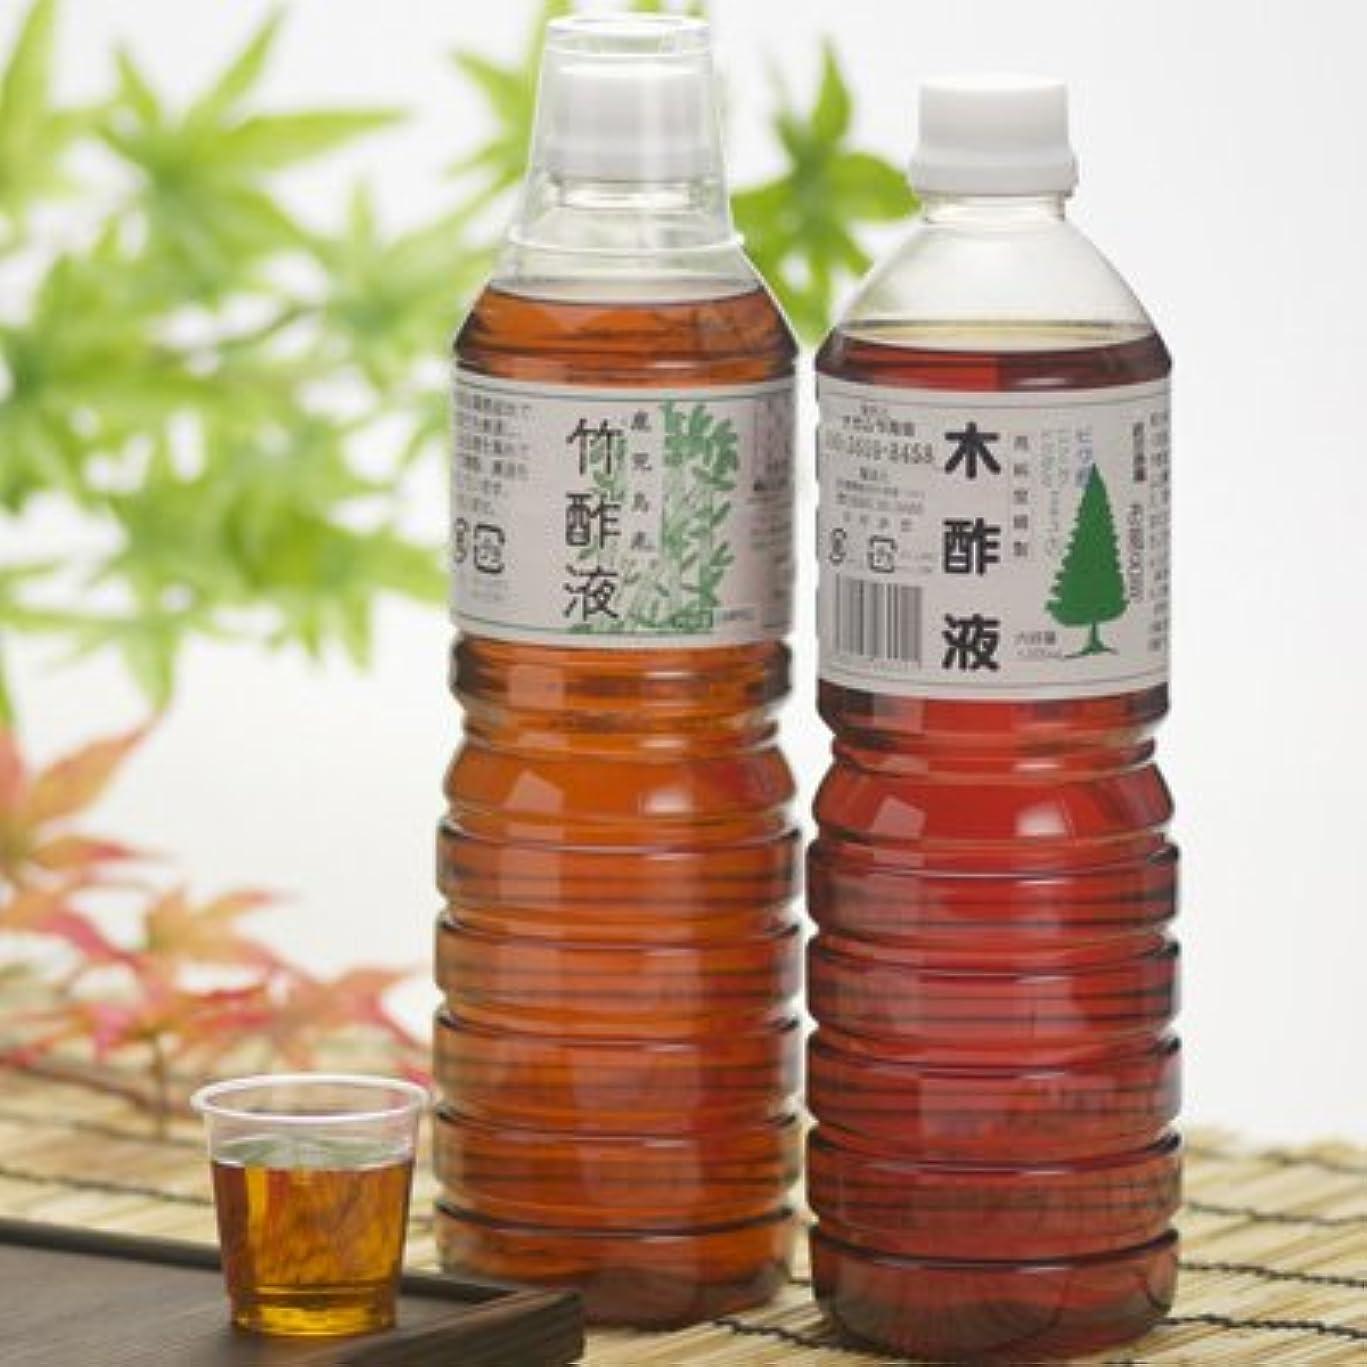 知らせるその後瞬時に一味違うバスタイムを楽しめる お風呂用(竹?樫)セット ナカムラ商会?鹿児島県